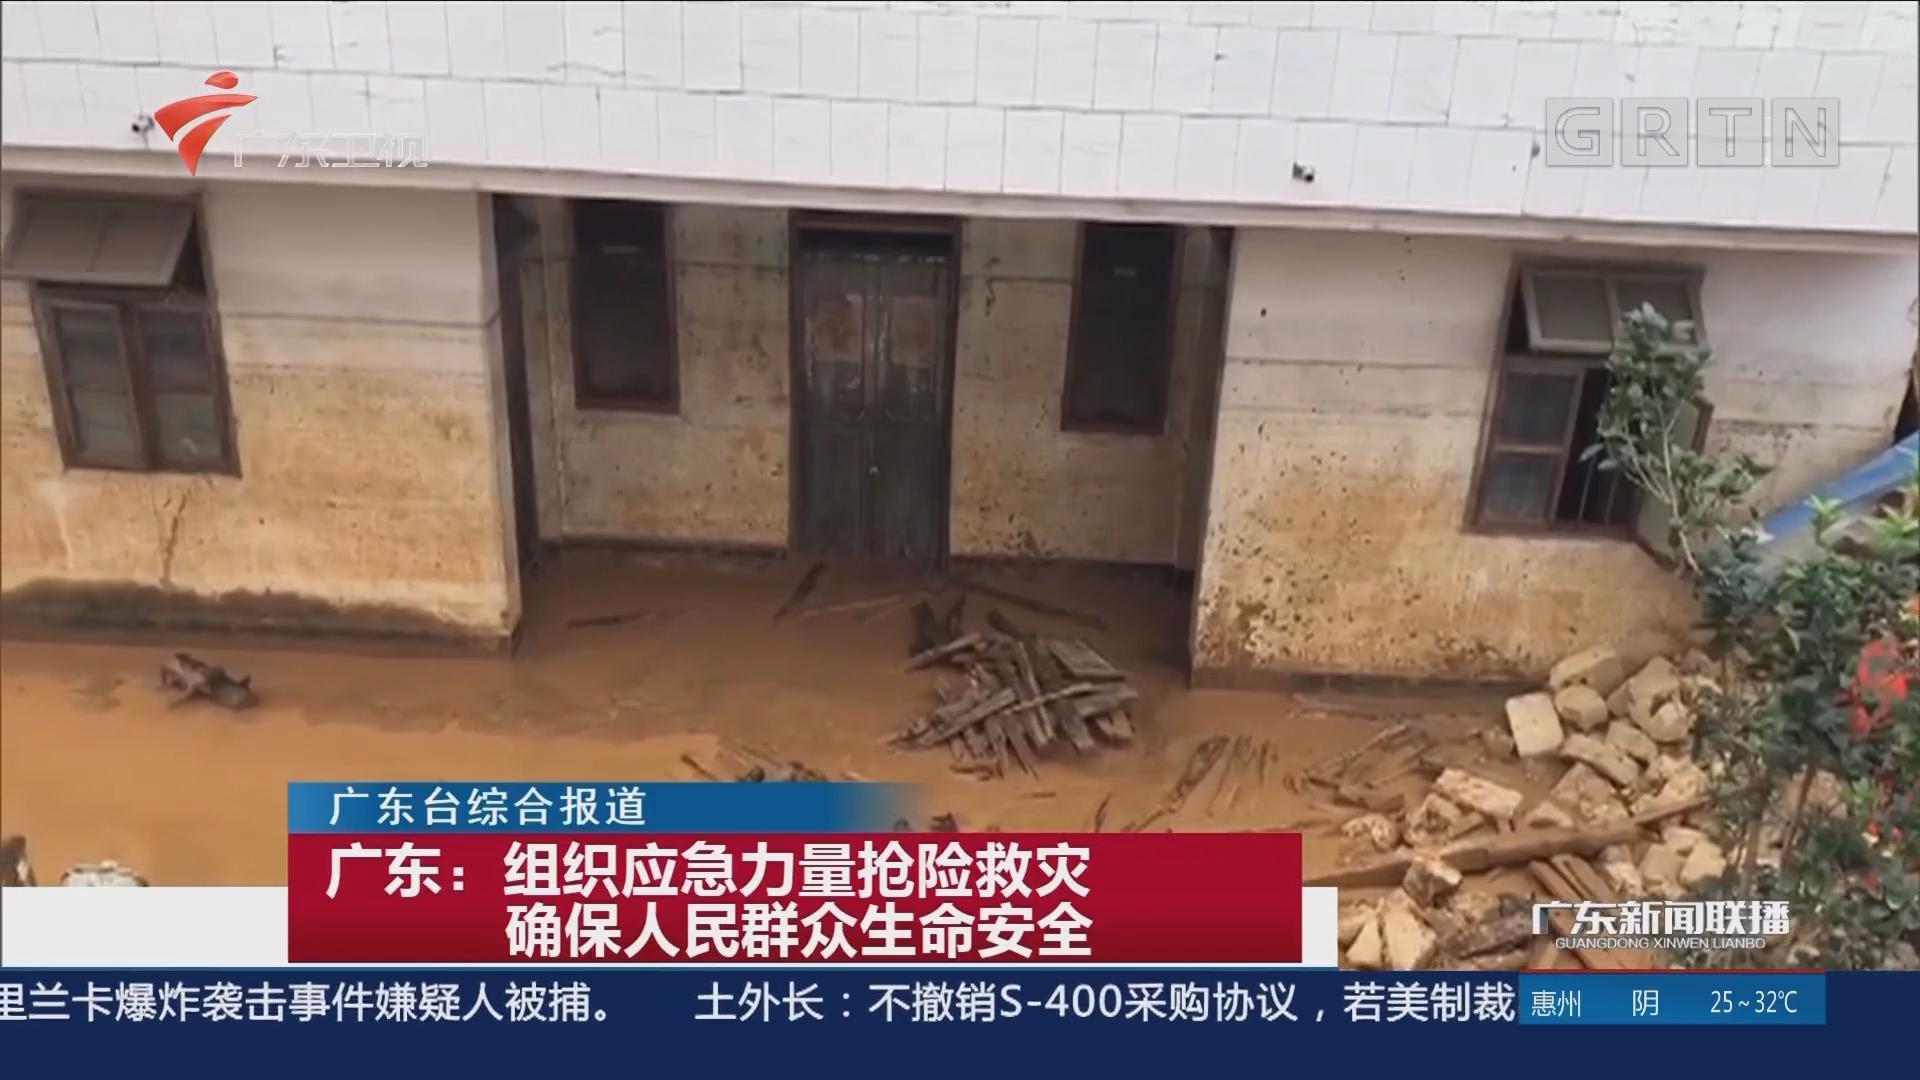 廣東:組織應急力量搶險救災 確保人民群眾生命安全